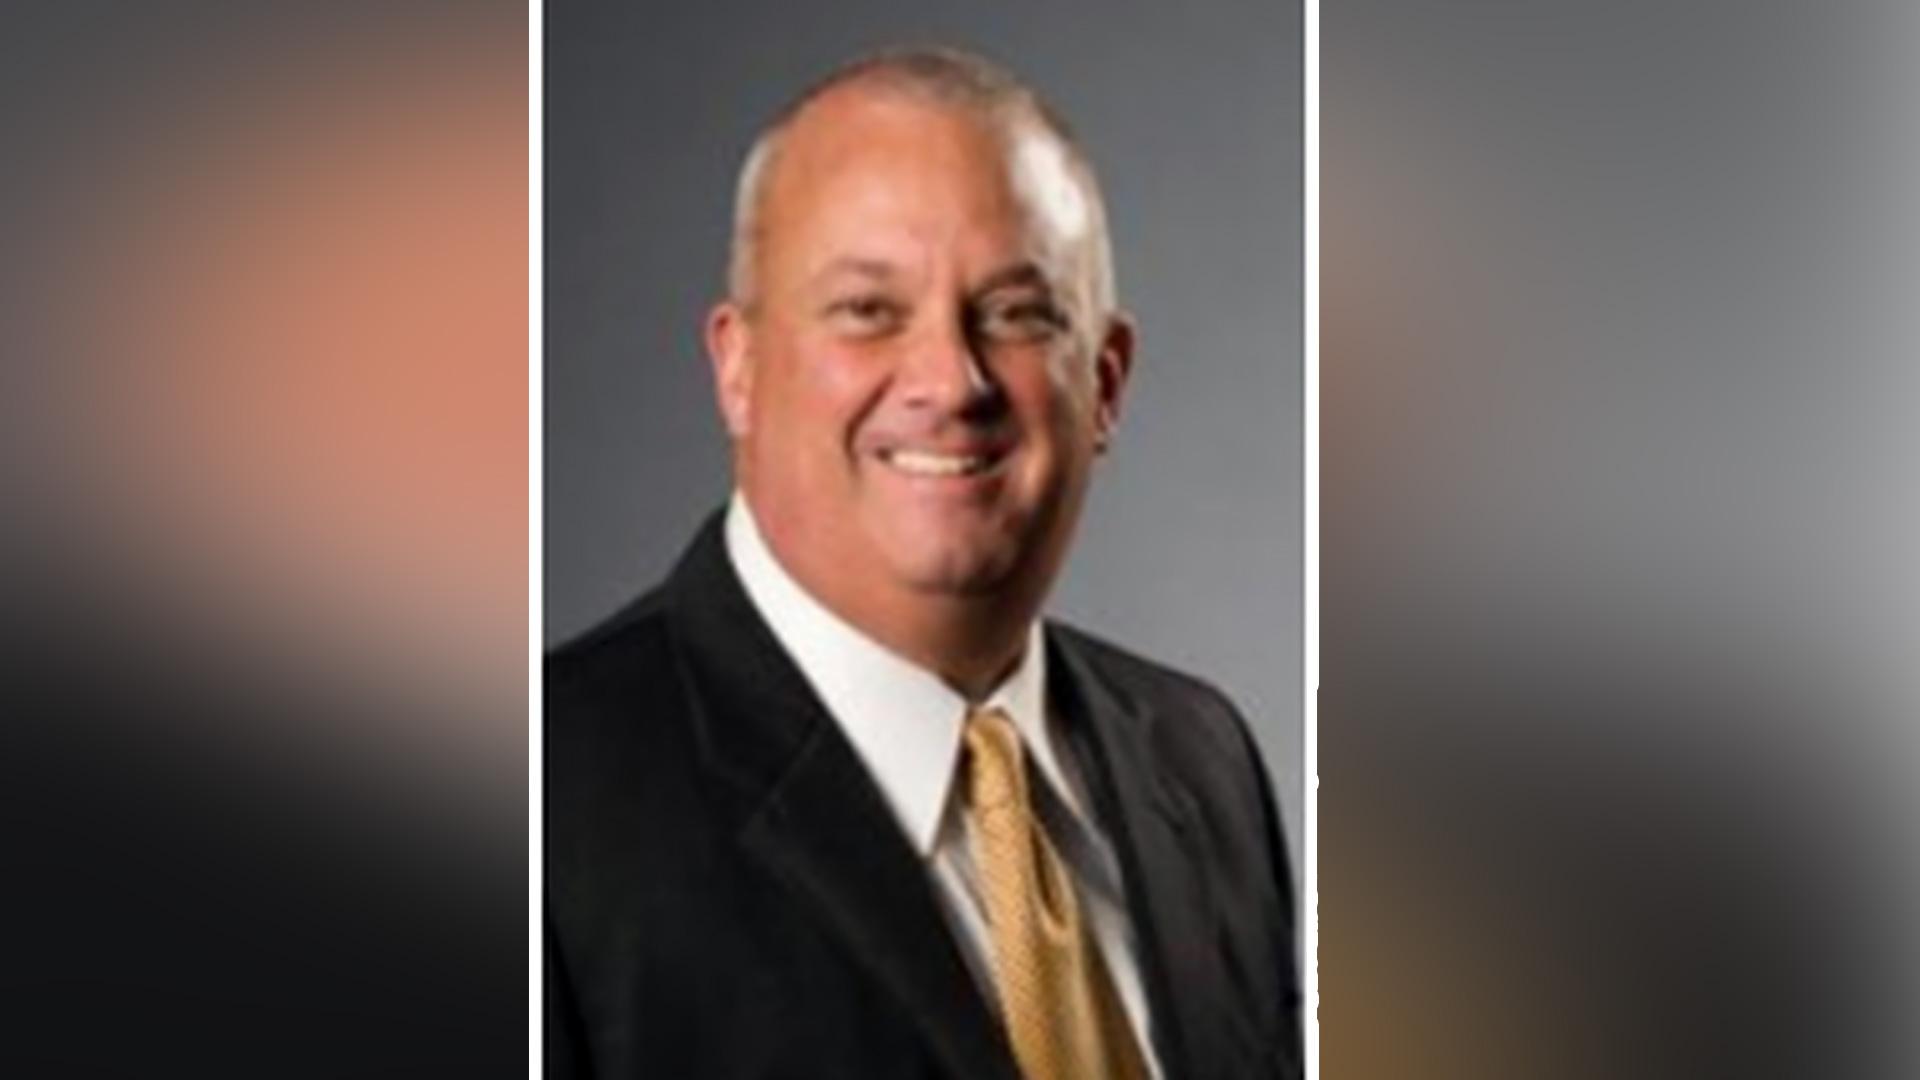 More harassment complaints against Minnesota athletics personnel